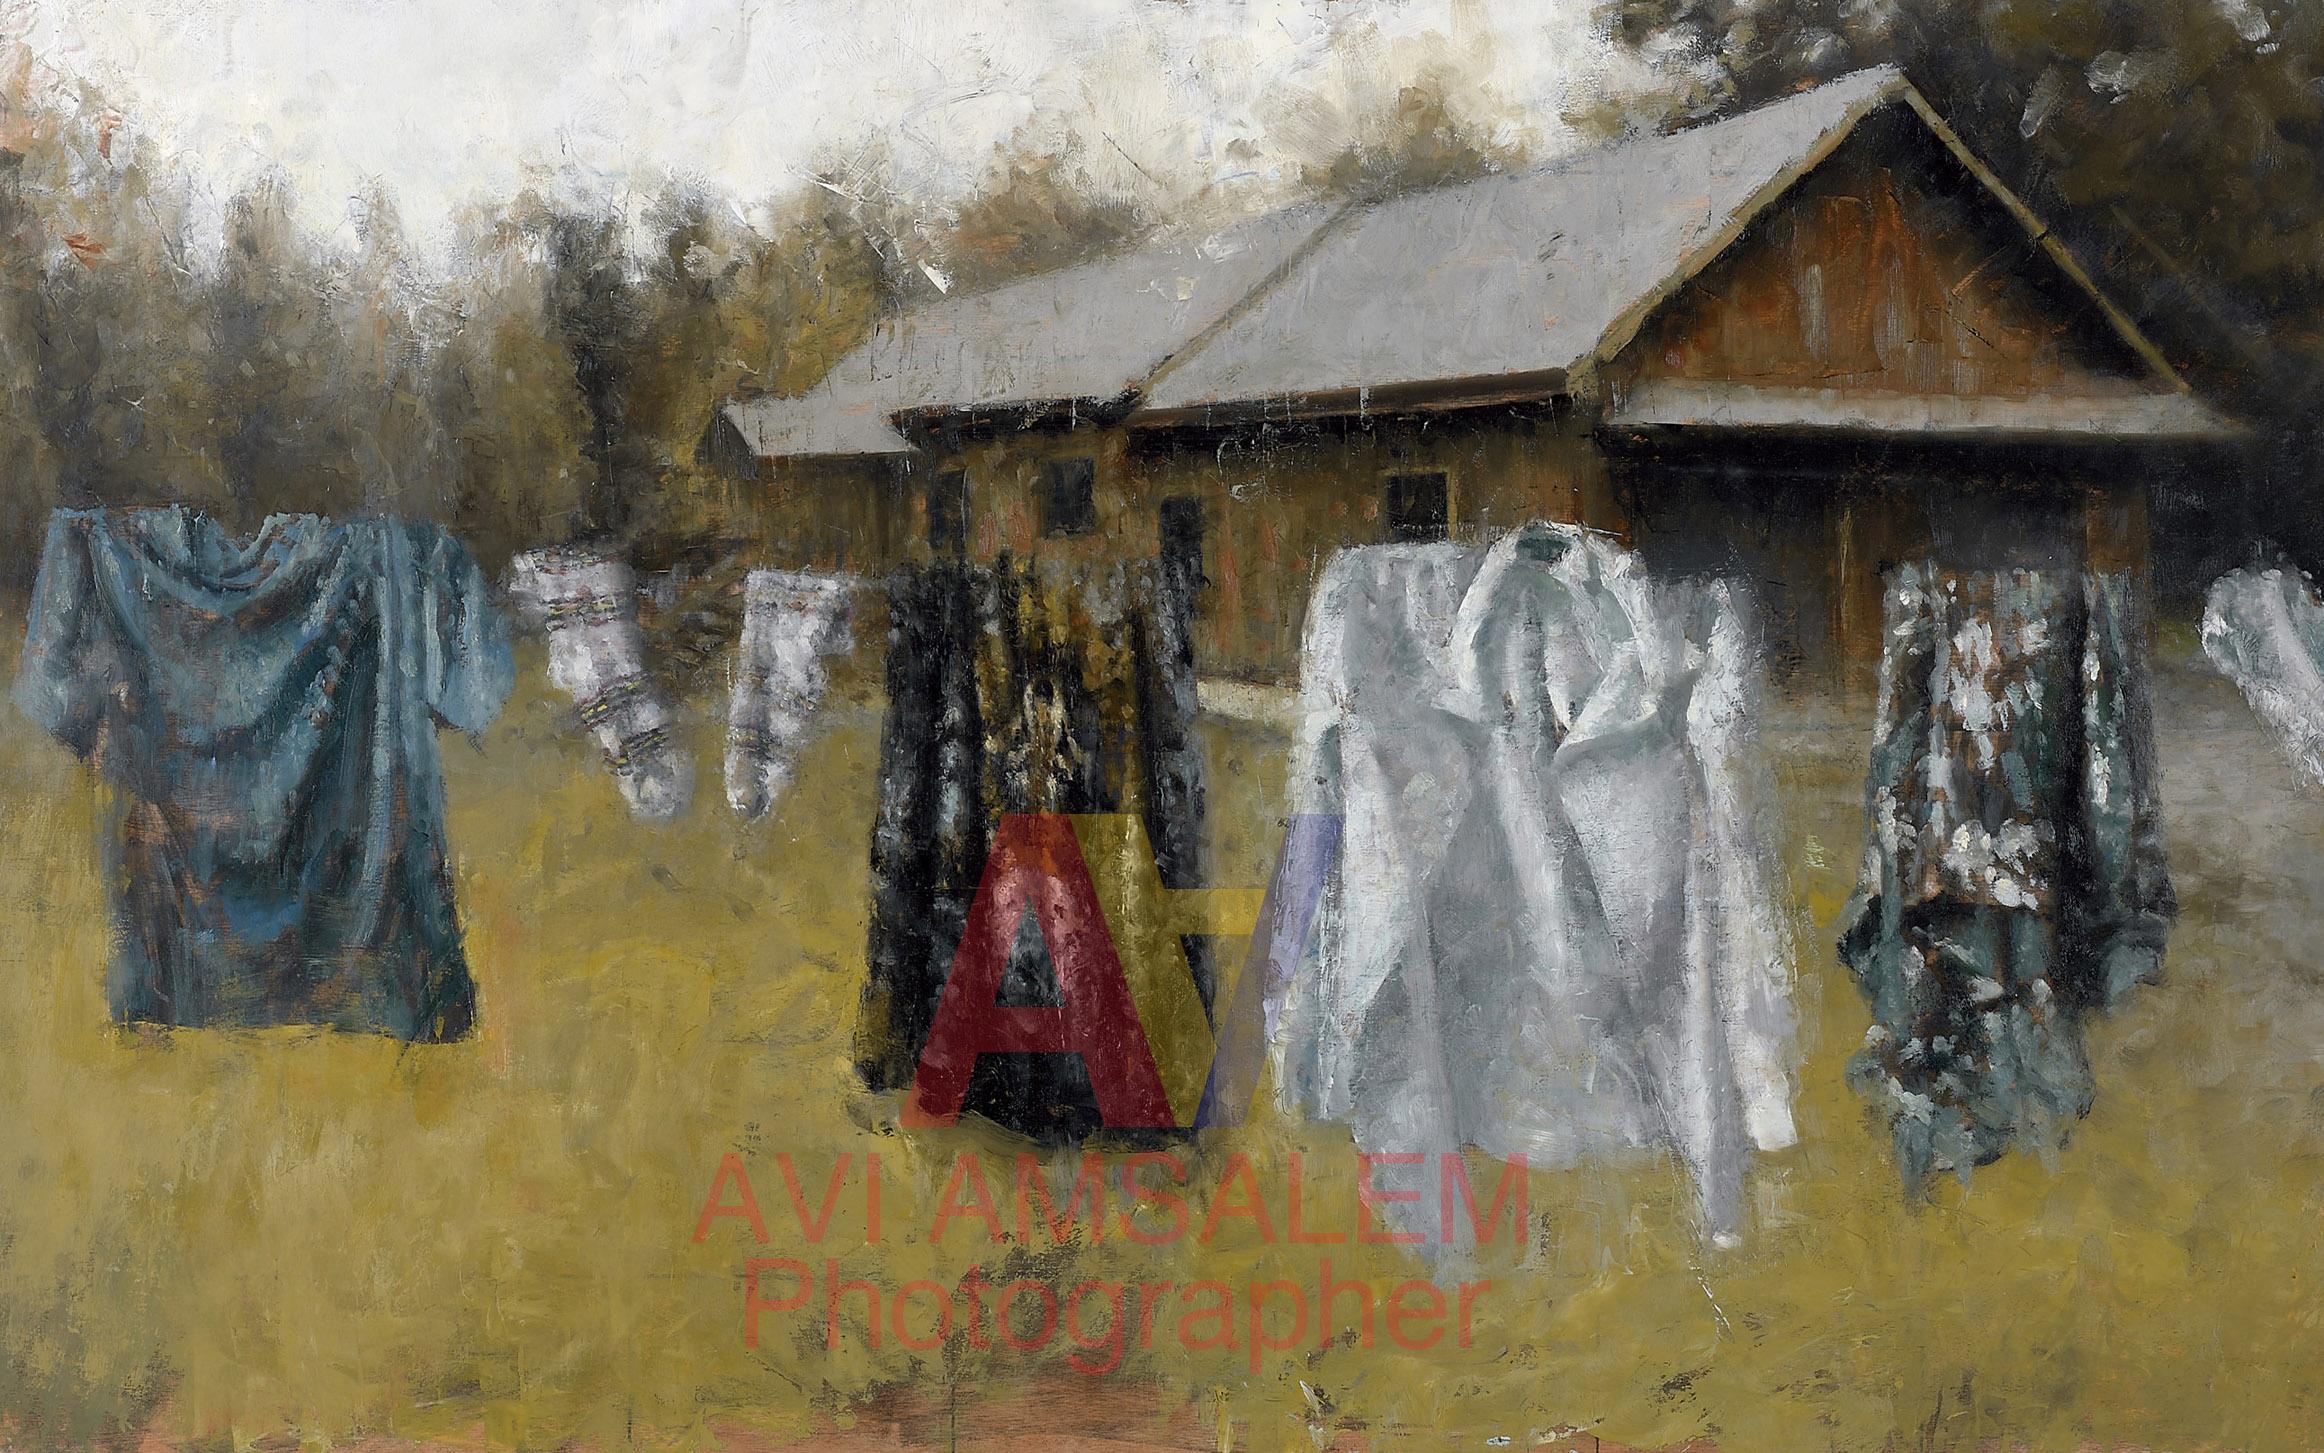 צילום ציורים.17